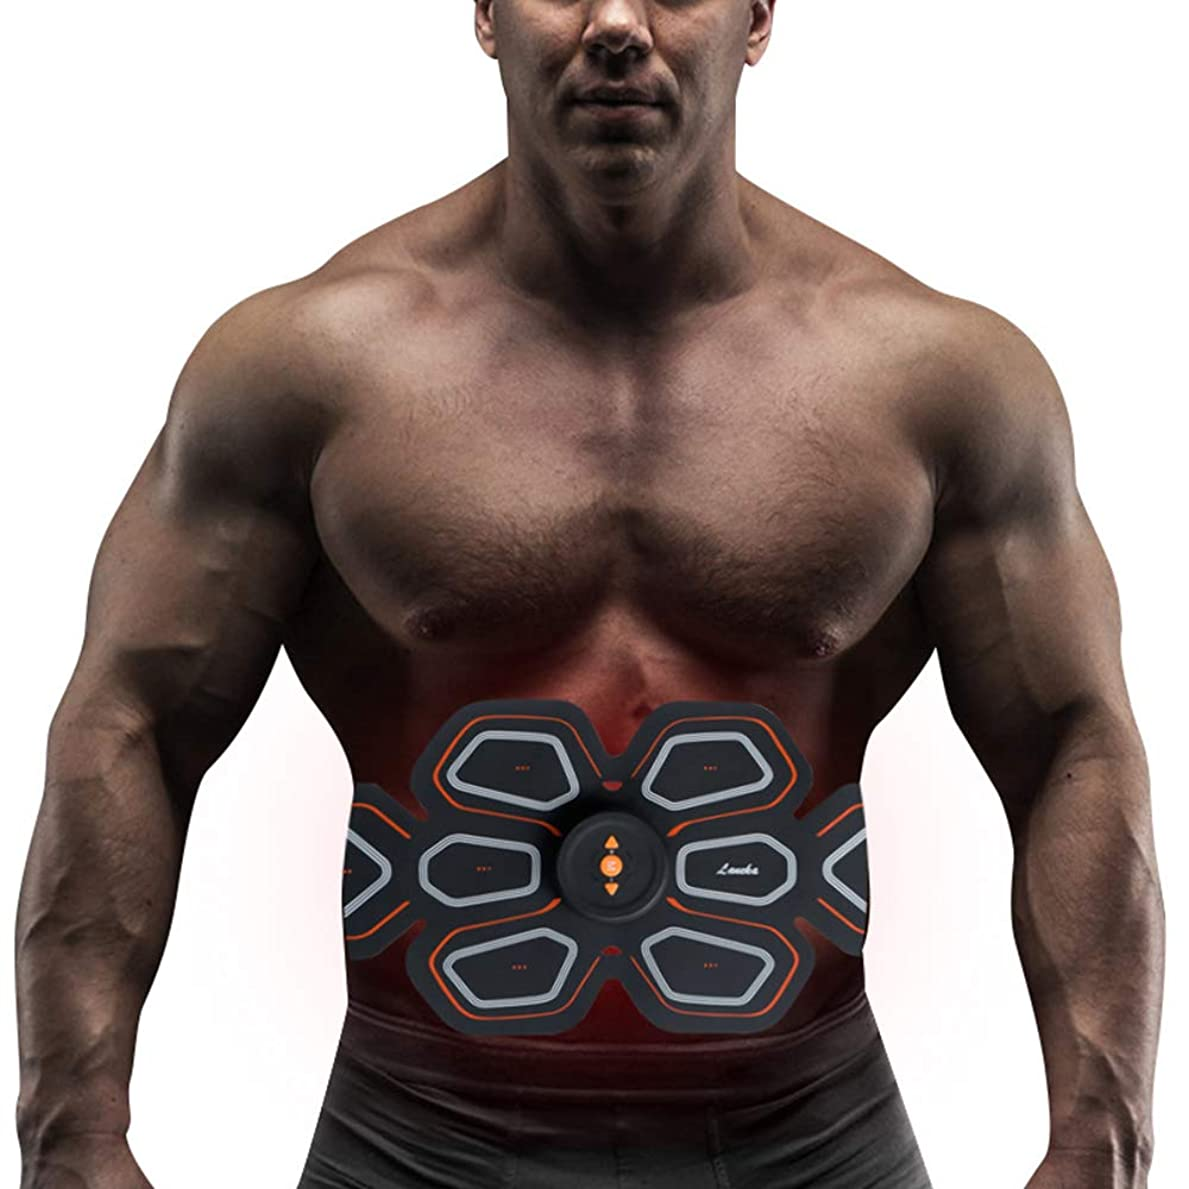 未接続体現するナチュラルスマート腹部筋肉トレーナーusb電気マッサージフィットネス機器EMS筋肉刺激装置体重減少マッサージスポーツフィットネス機器ユニセックス